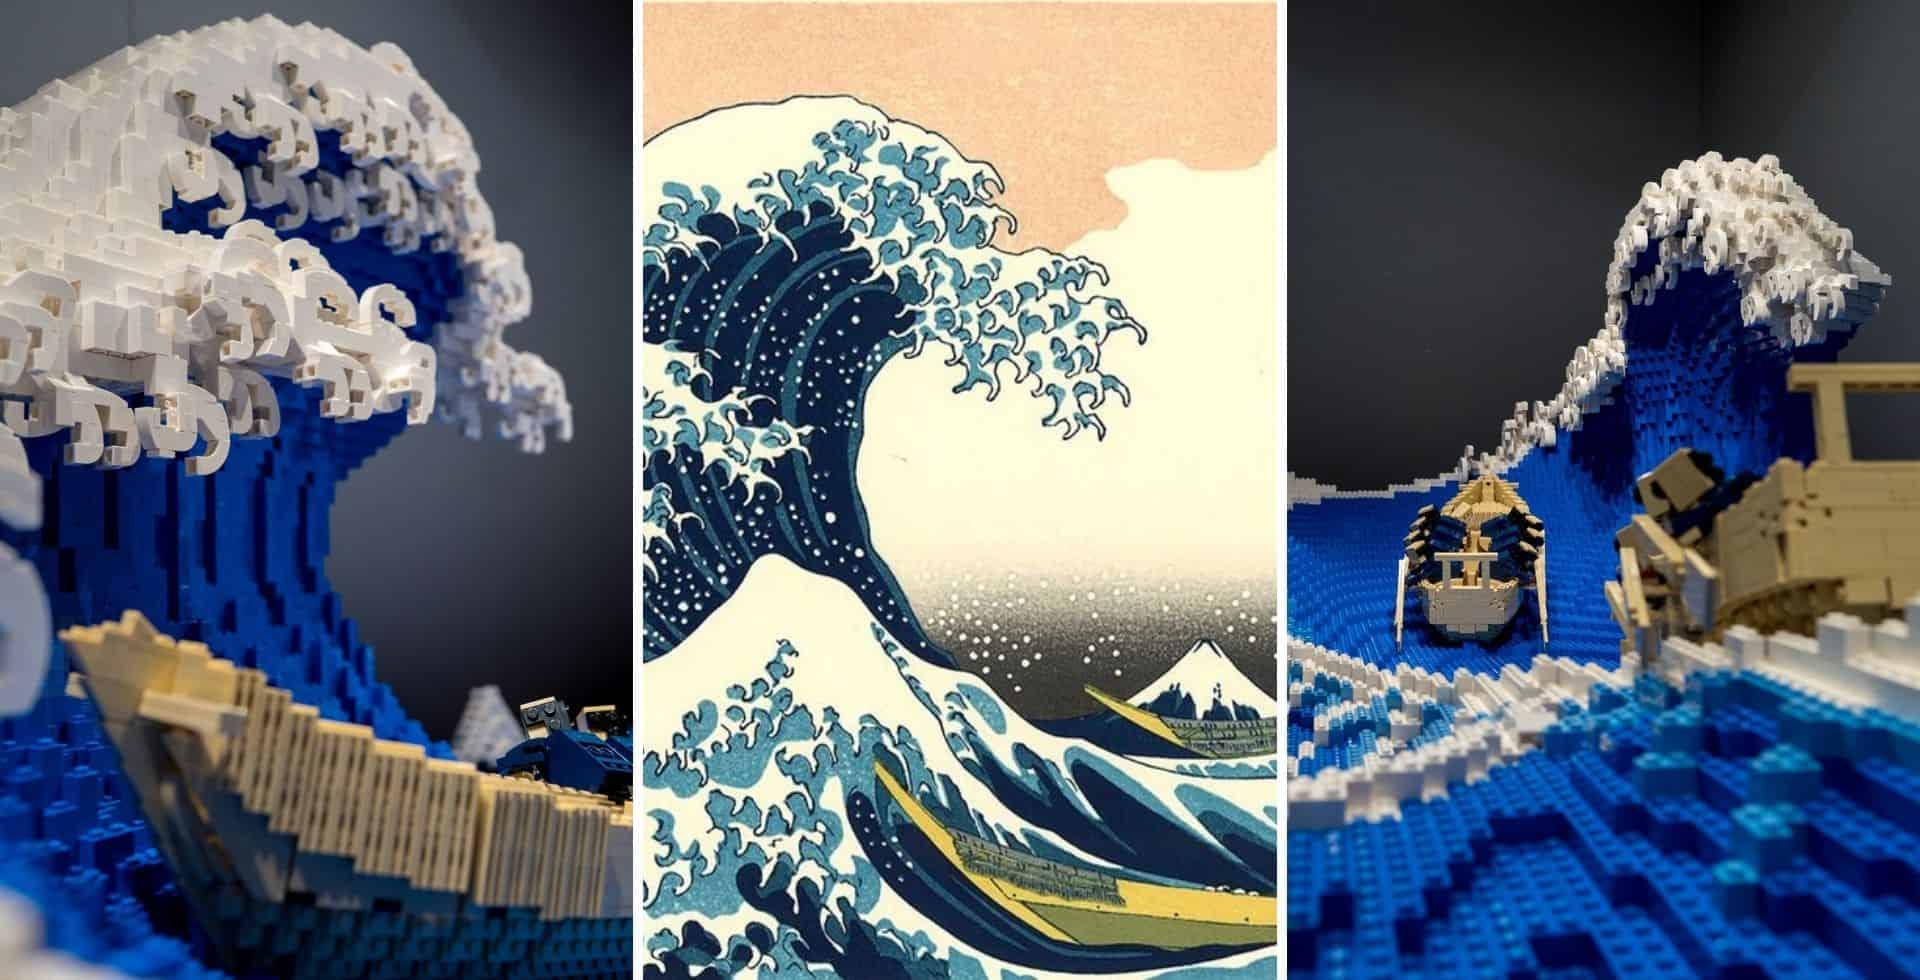 Un experto en LEGO recreó la obra 'La gran ola de Kanagawa' en 3D